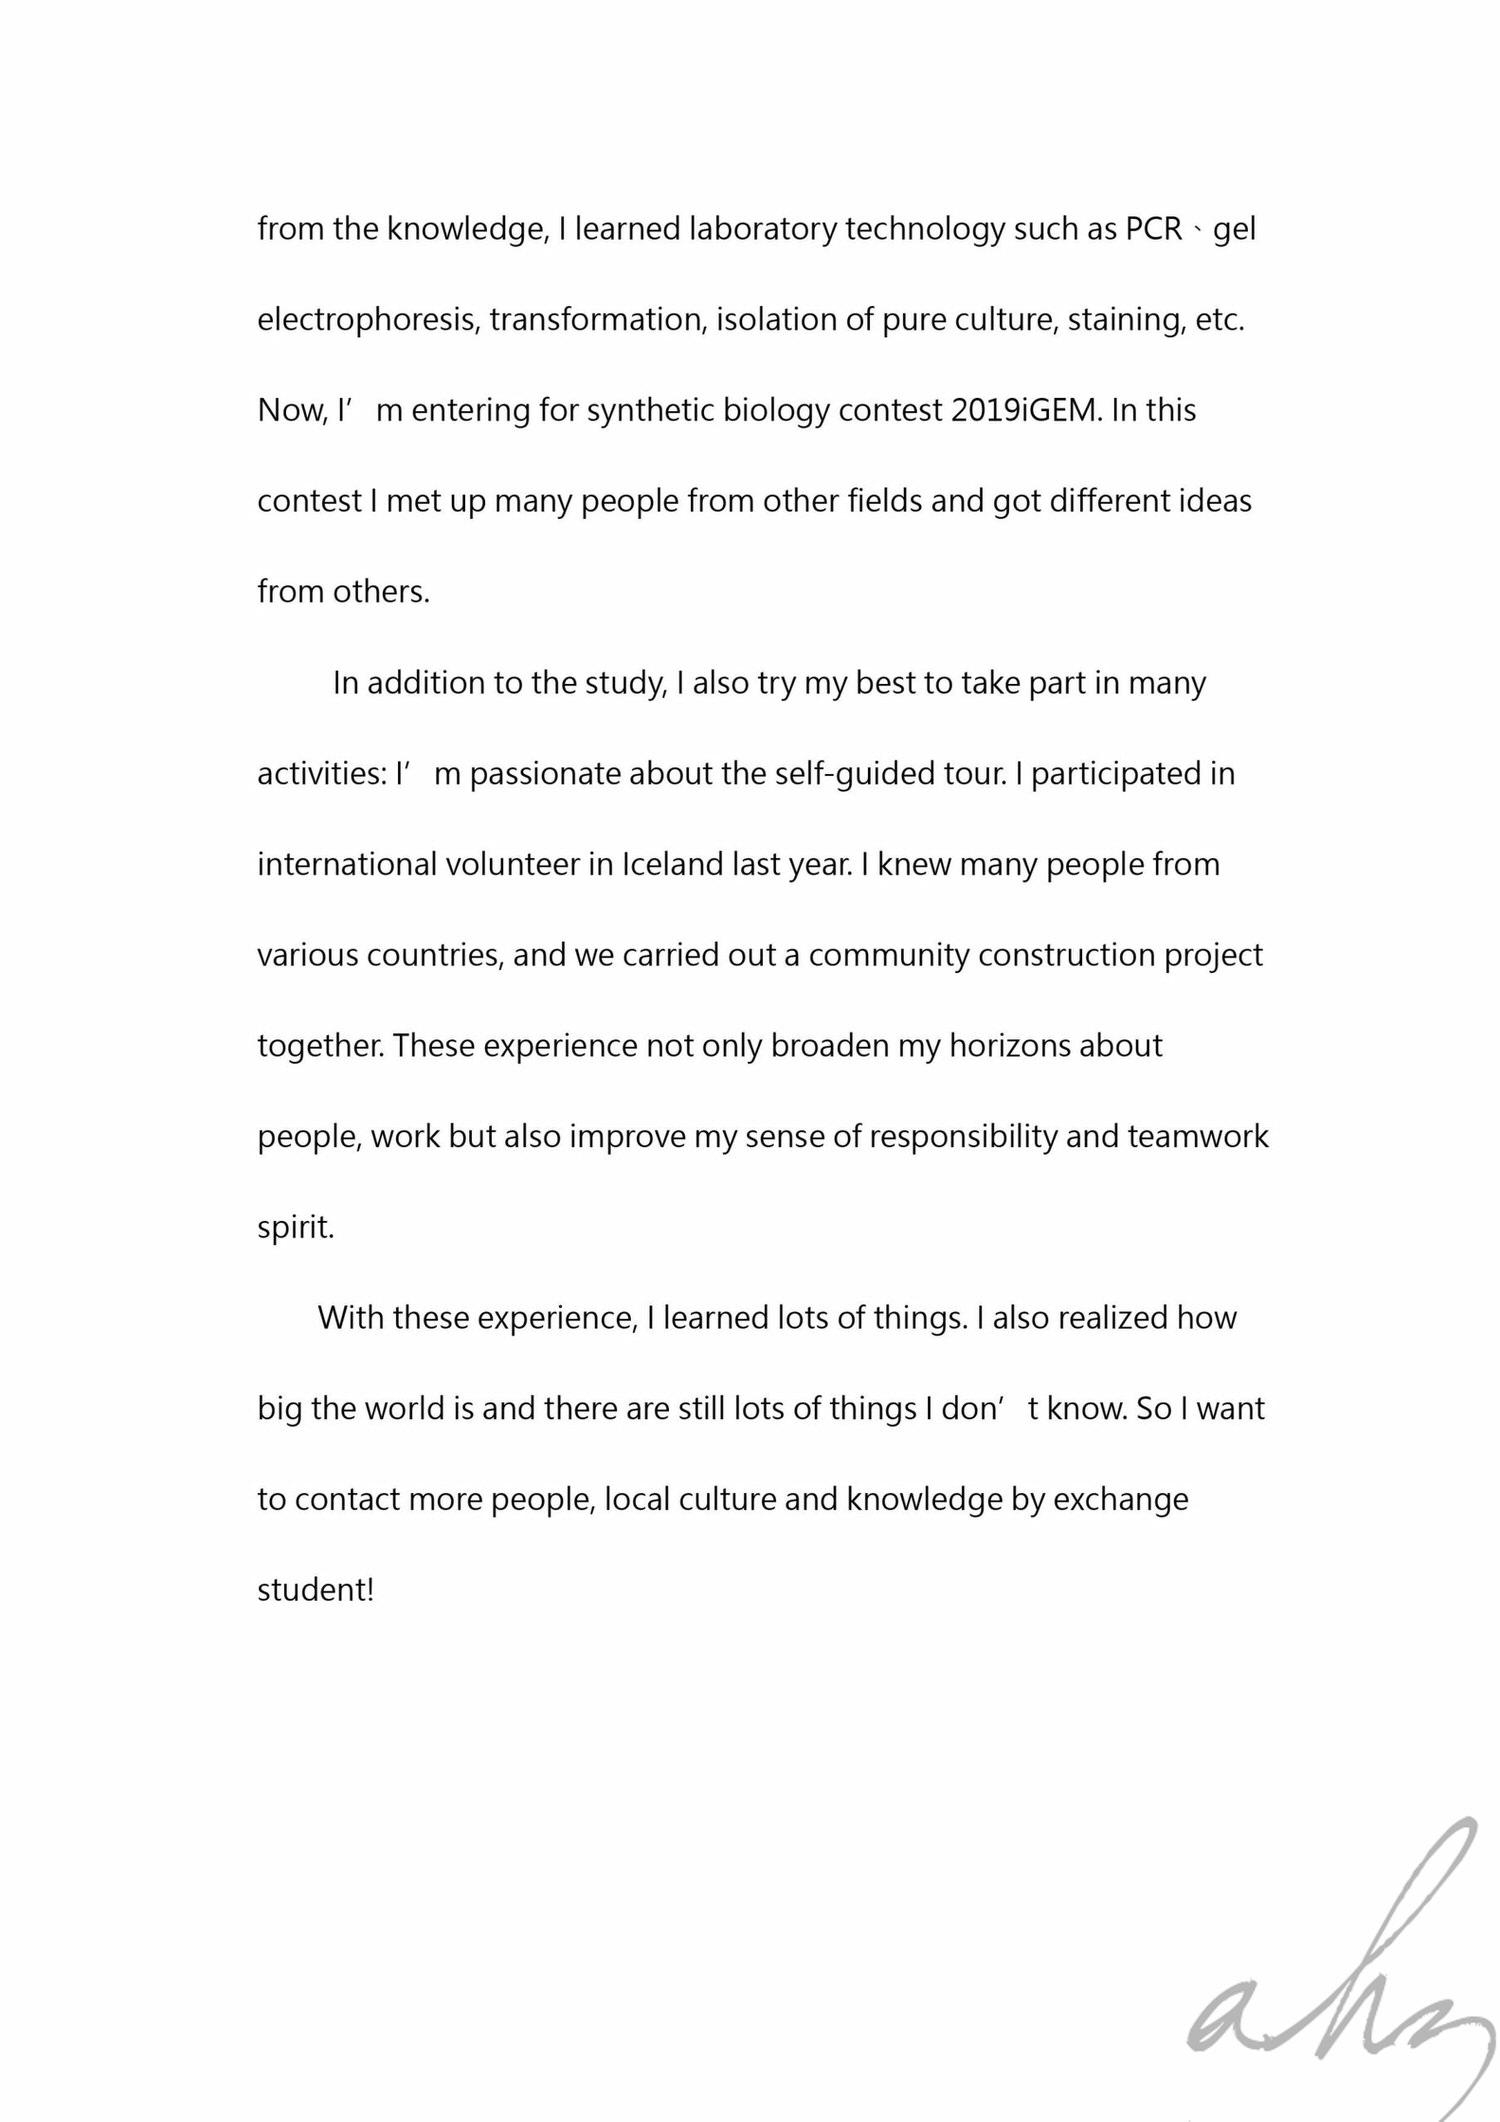 [交換]中興大學交換學生申請分享(讀書計畫,自傳範本) | | 阿茲的隨筆生活